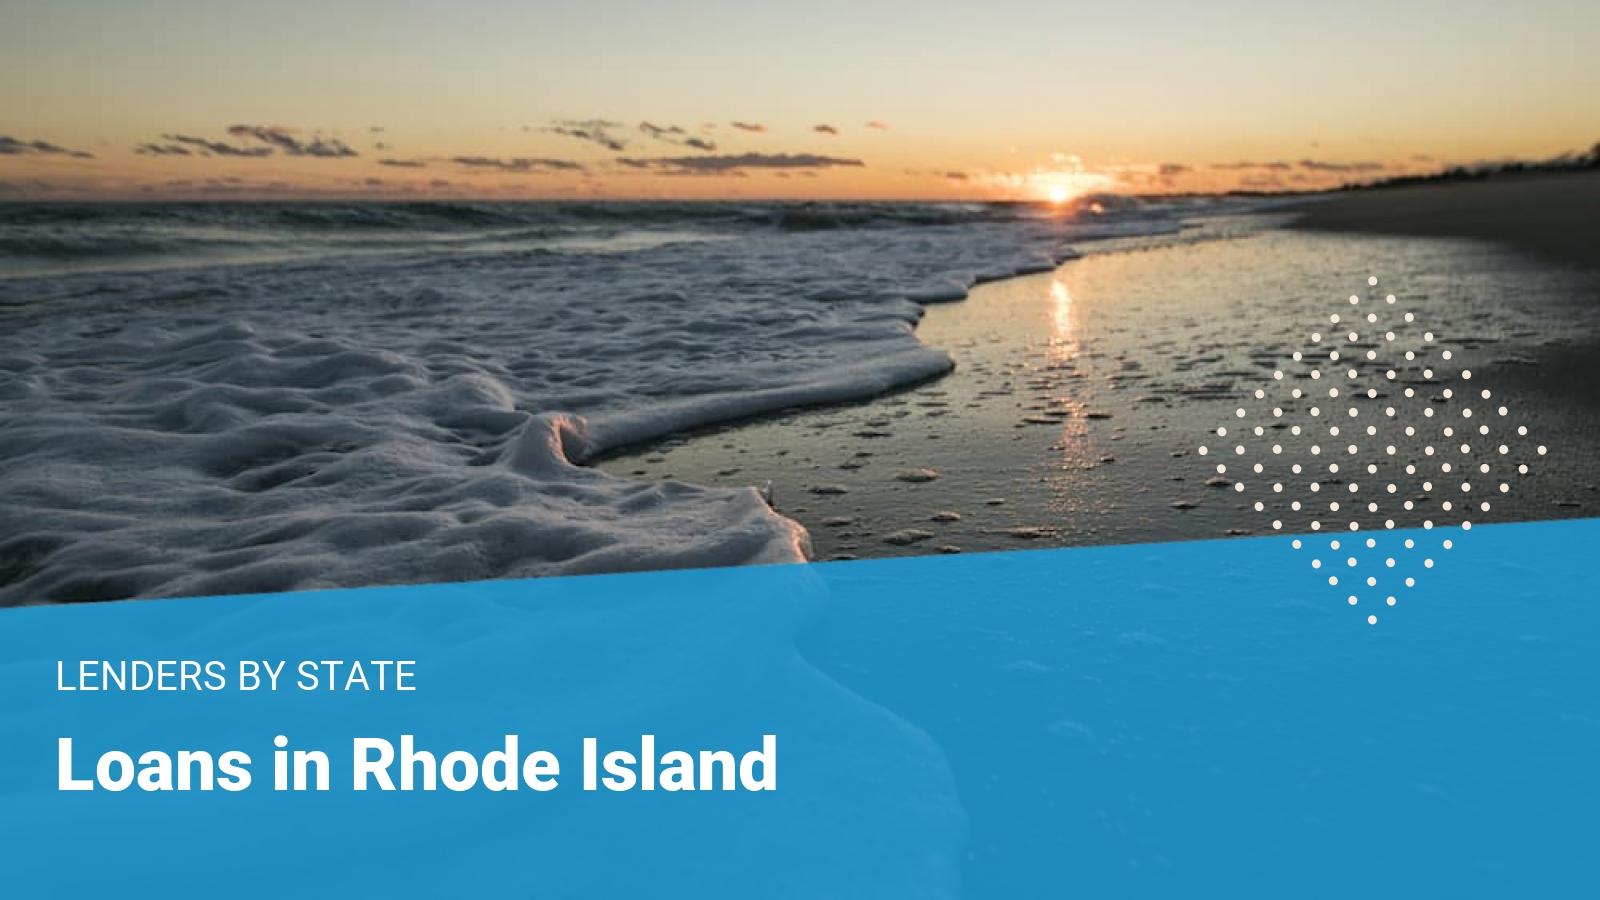 Rhode Island Loans